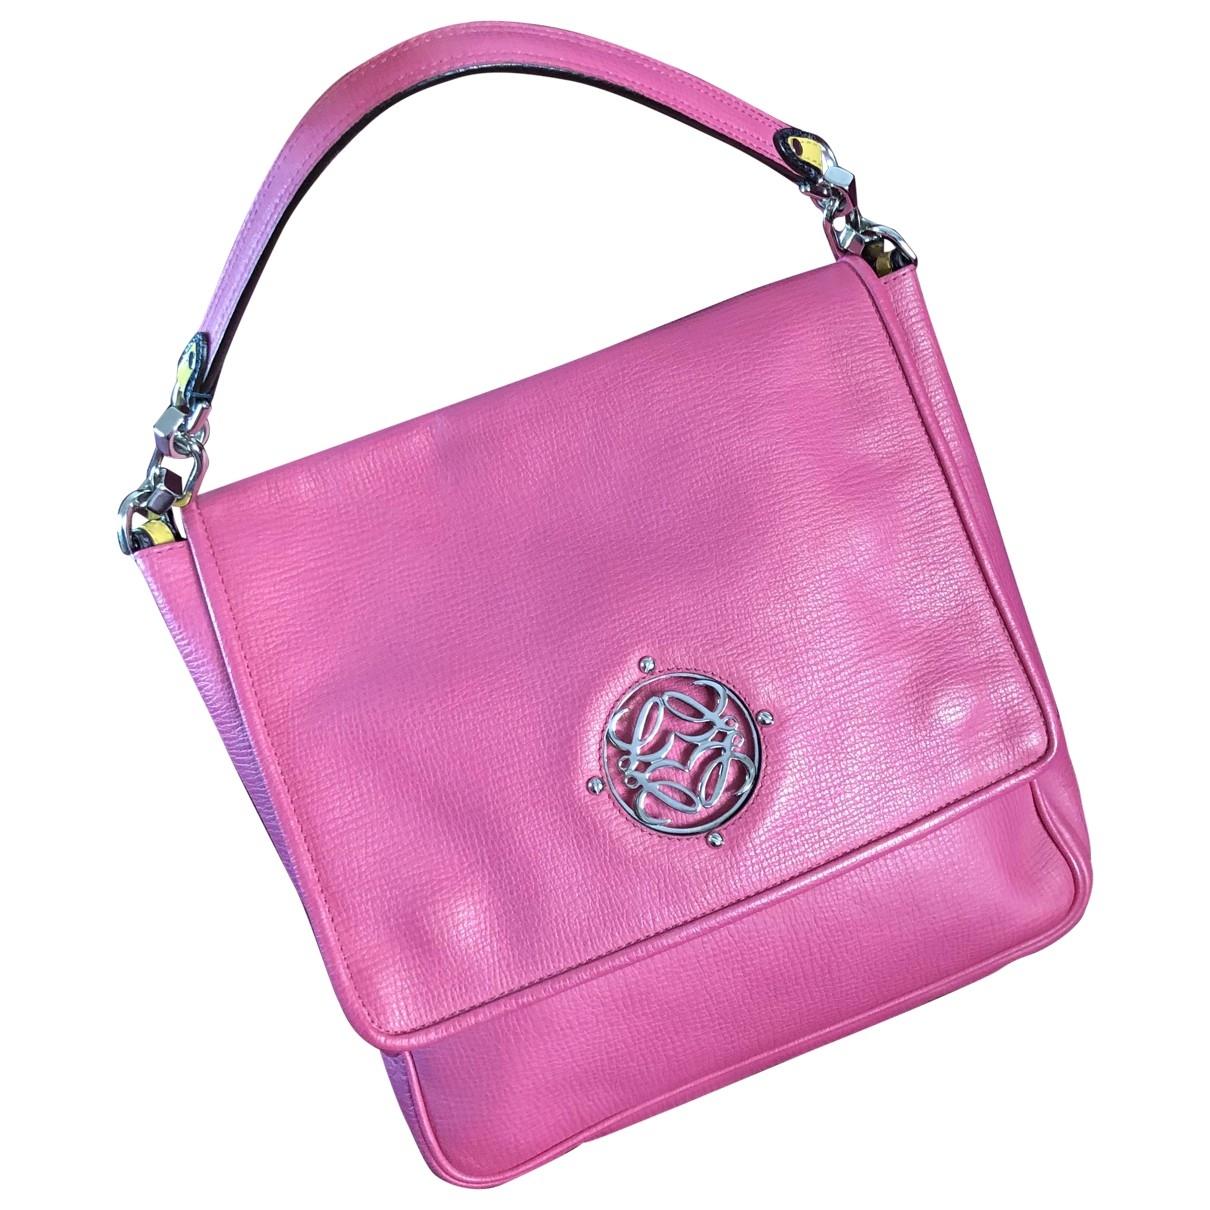 Loewe \N Pink Leather handbag for Women \N